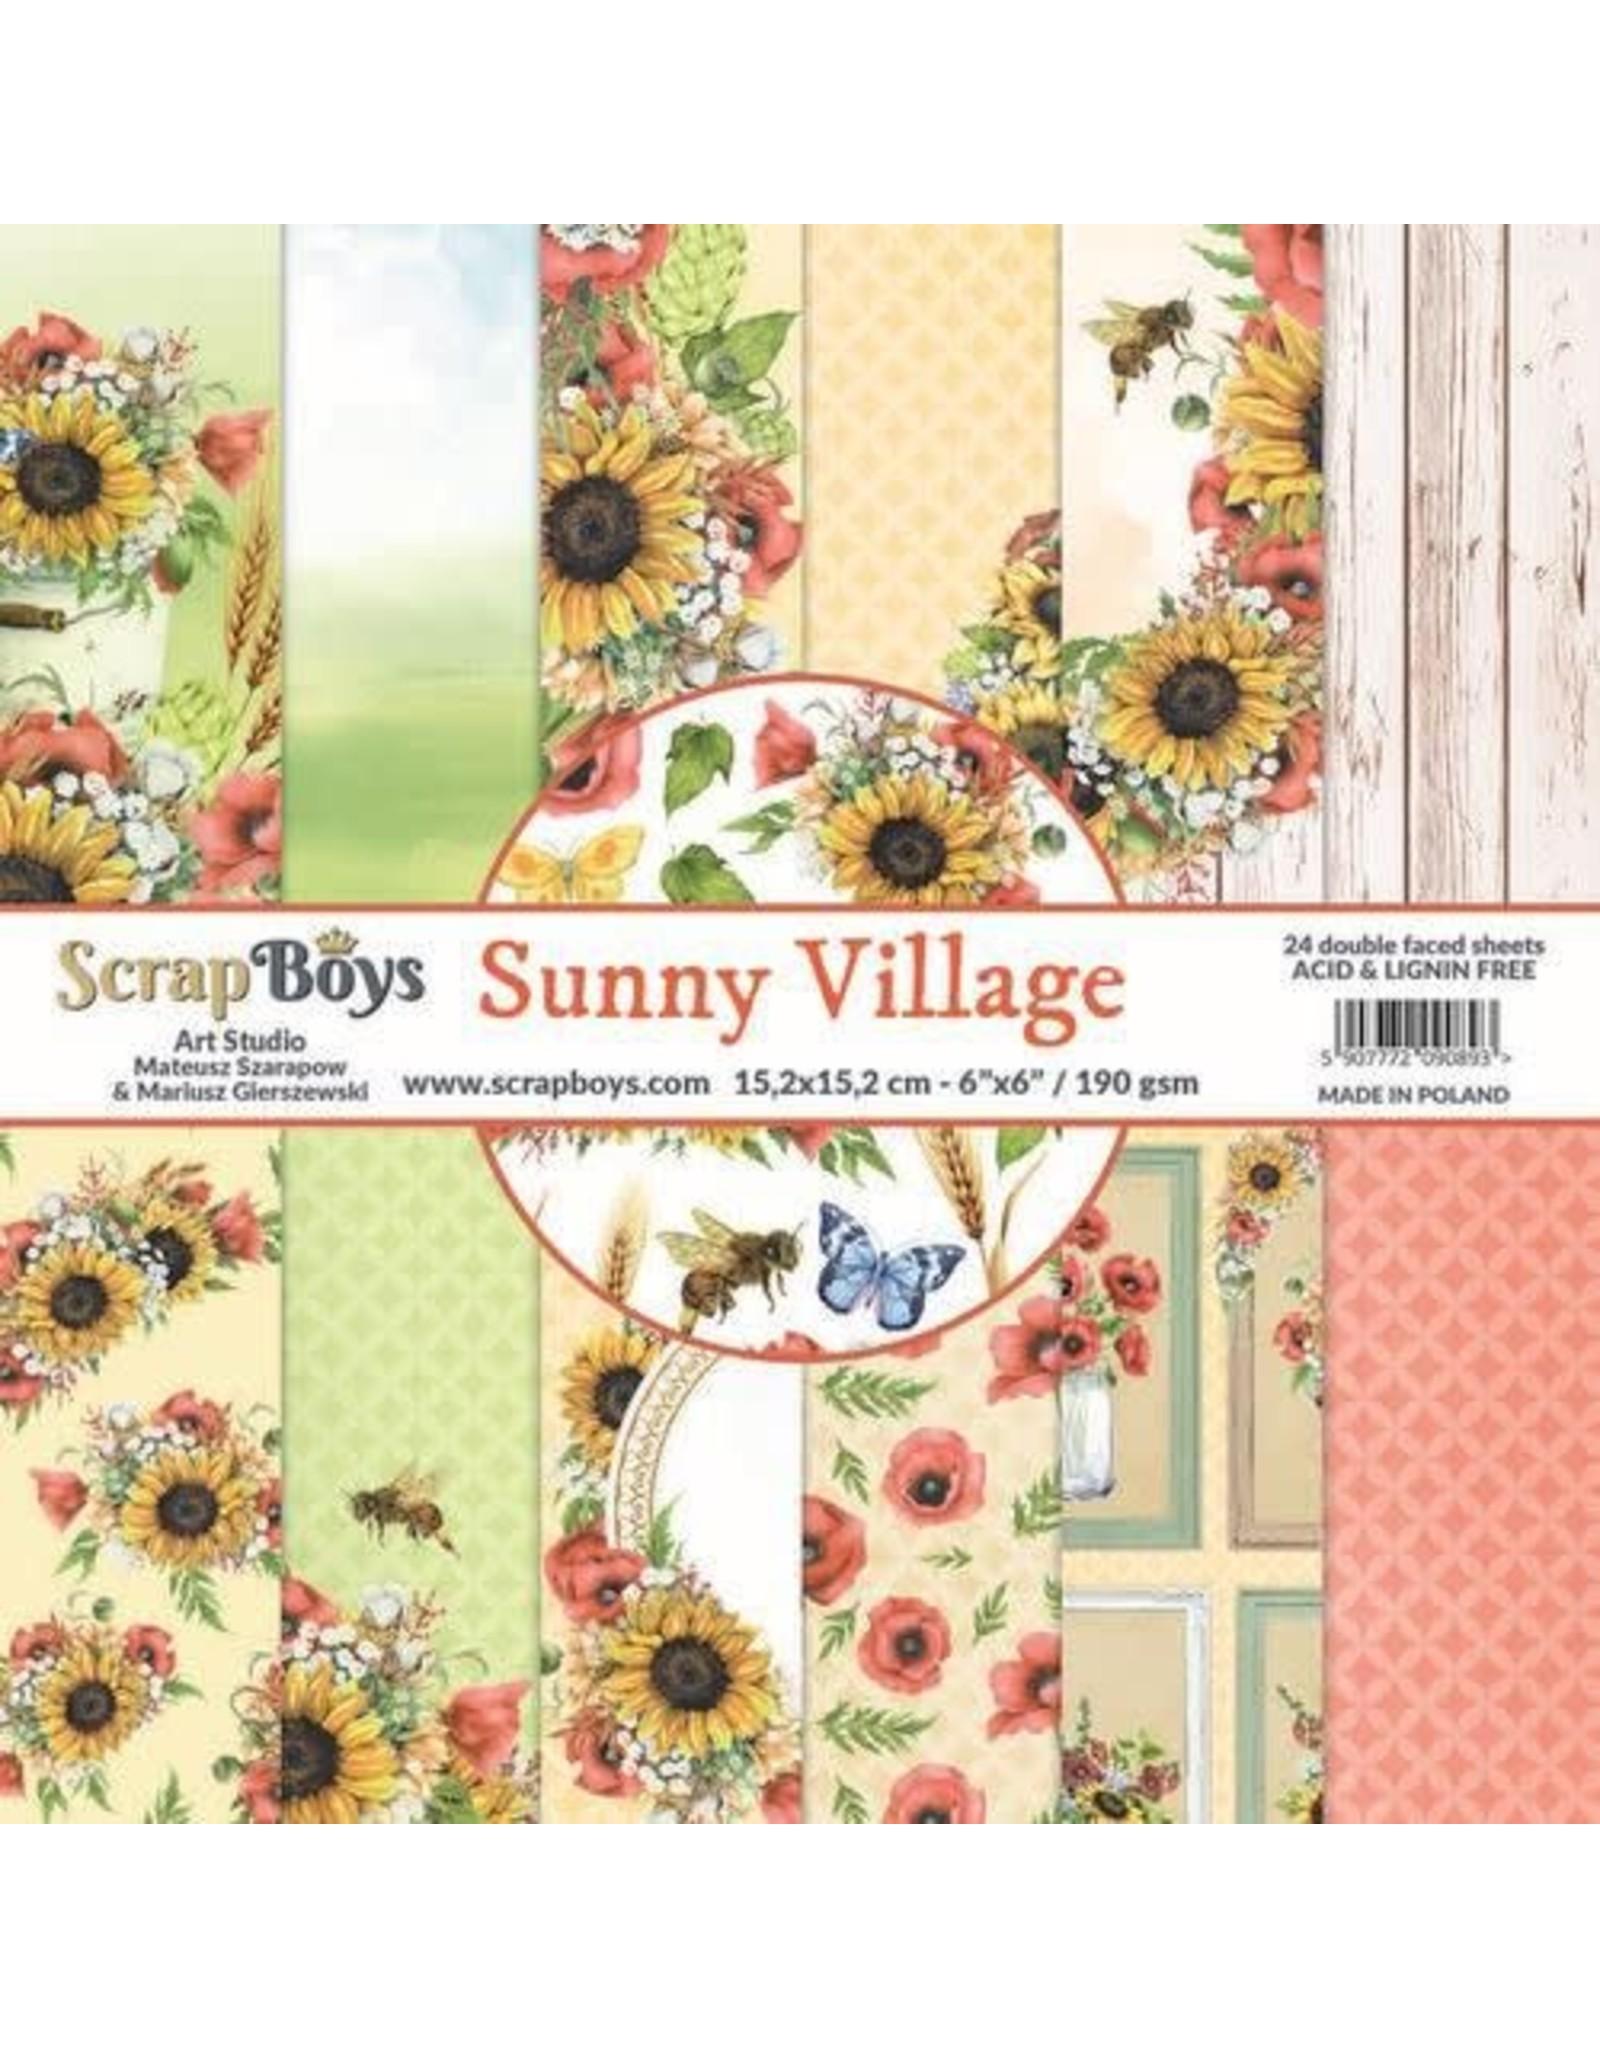 Scrapboys ScrapBoys Sunny Village paperpad 24 vl+cut out elements-DZ SUVI-09 190gr 15,2 x 15,2cm